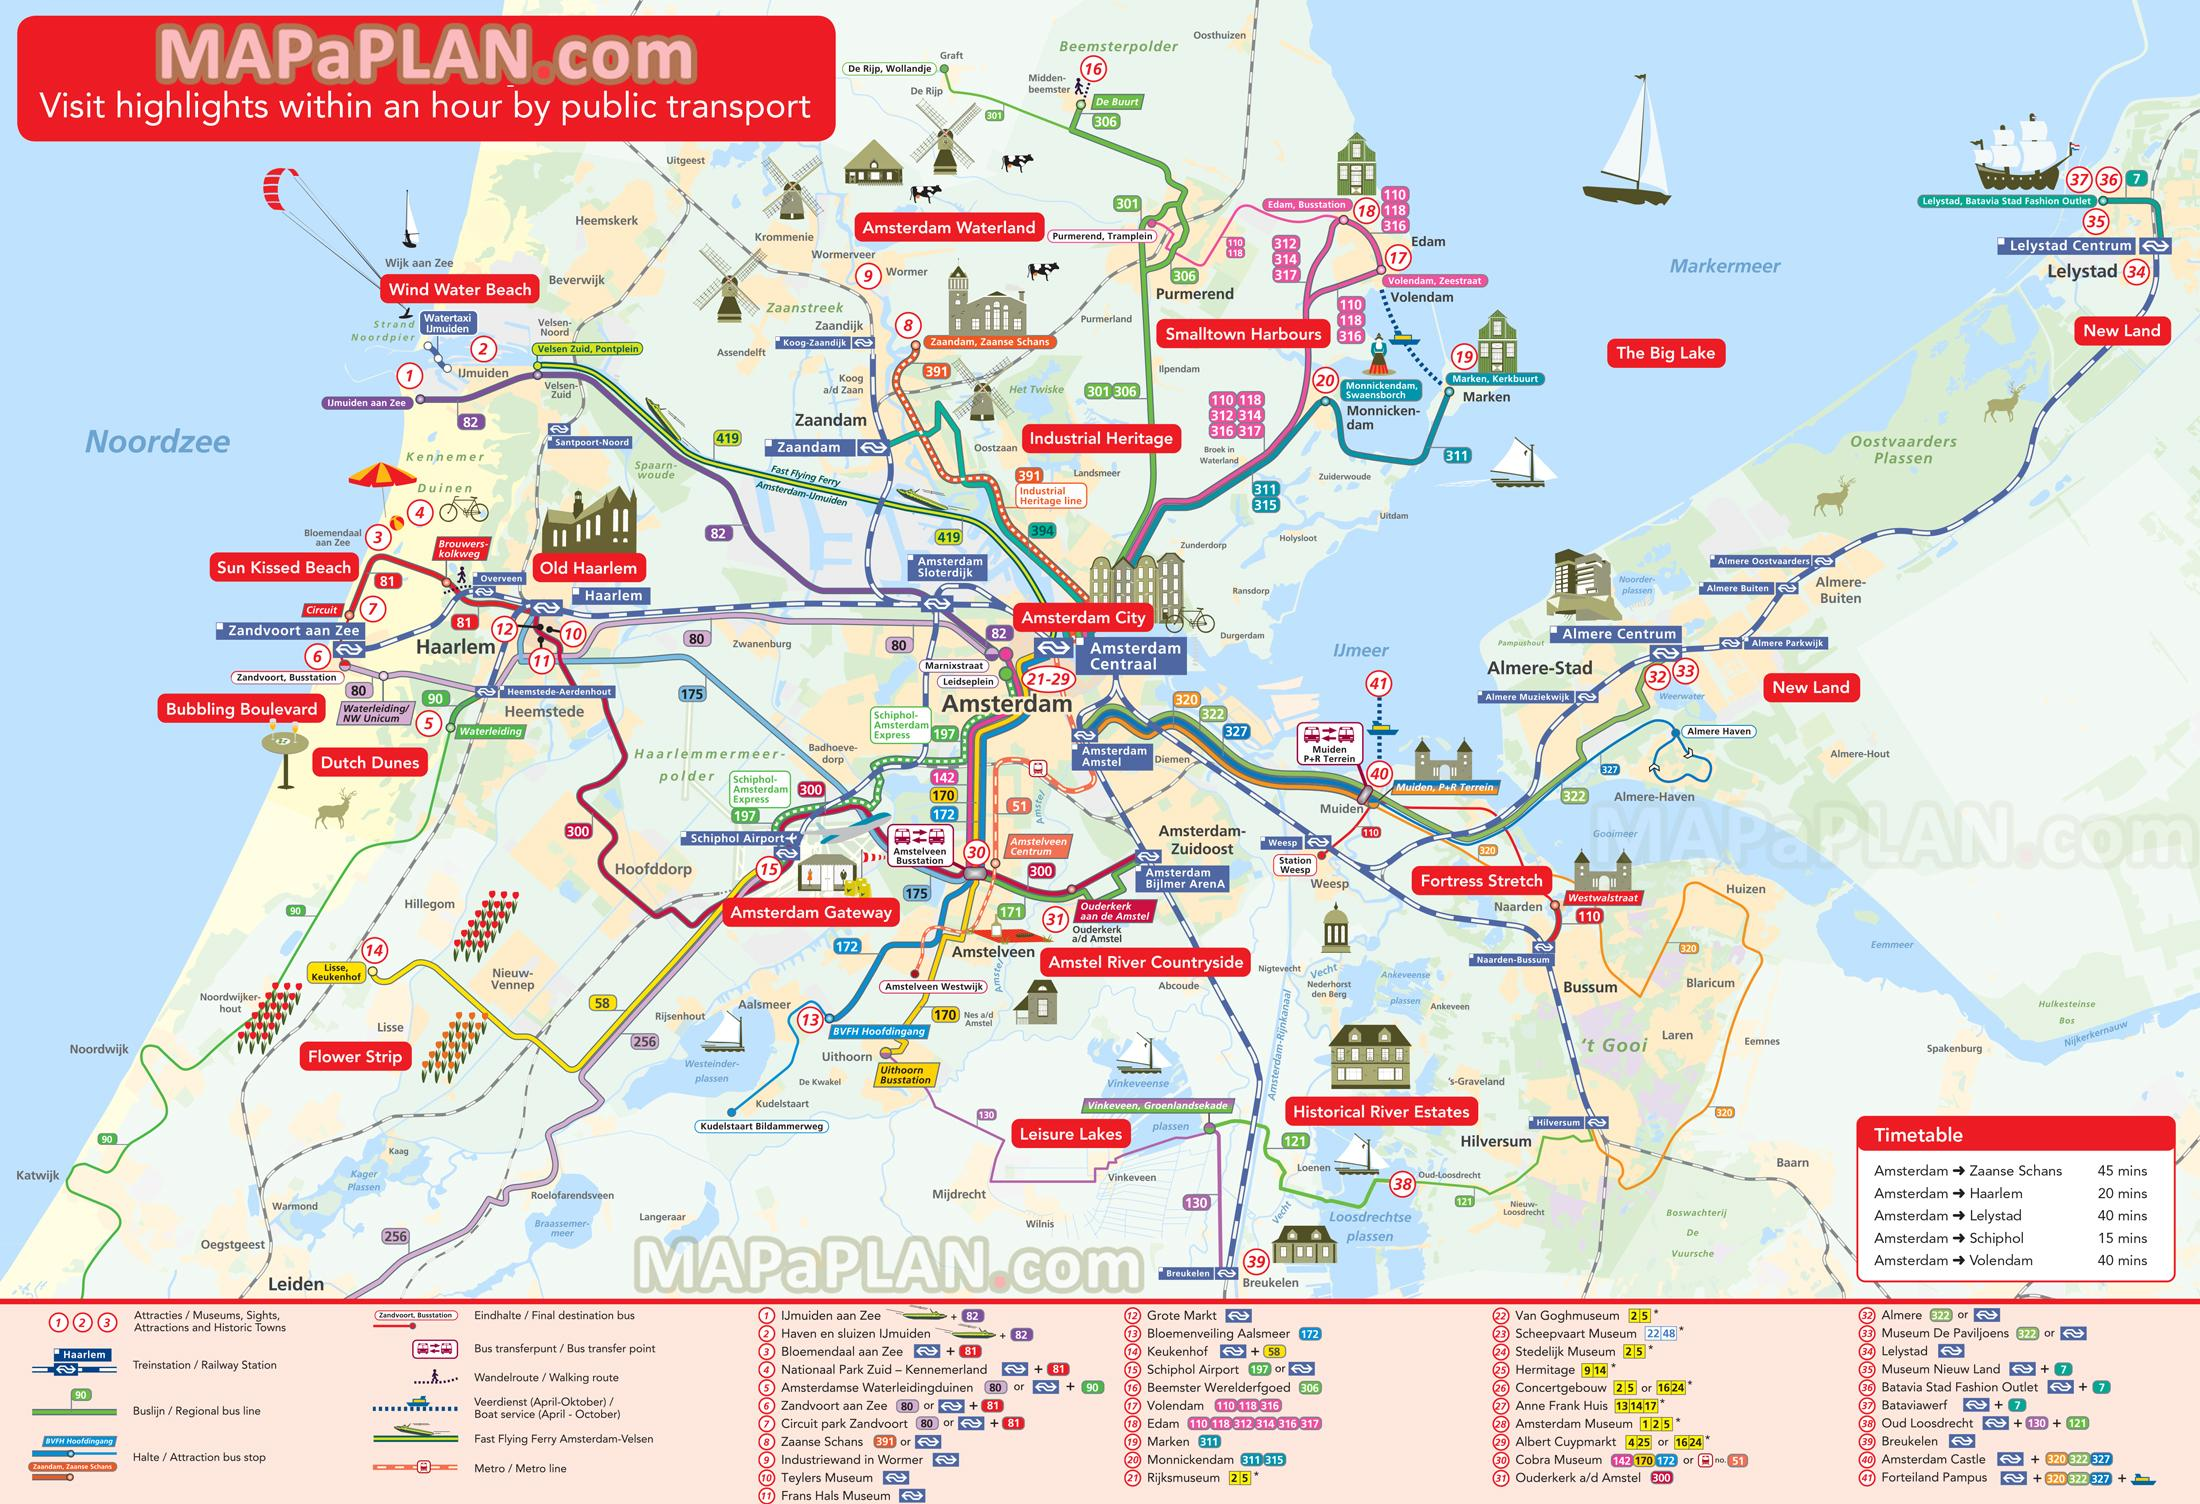 holanda mapa turistico Holanda mapa turístico   Holland mapa turístico (Europa Ocidental  holanda mapa turistico